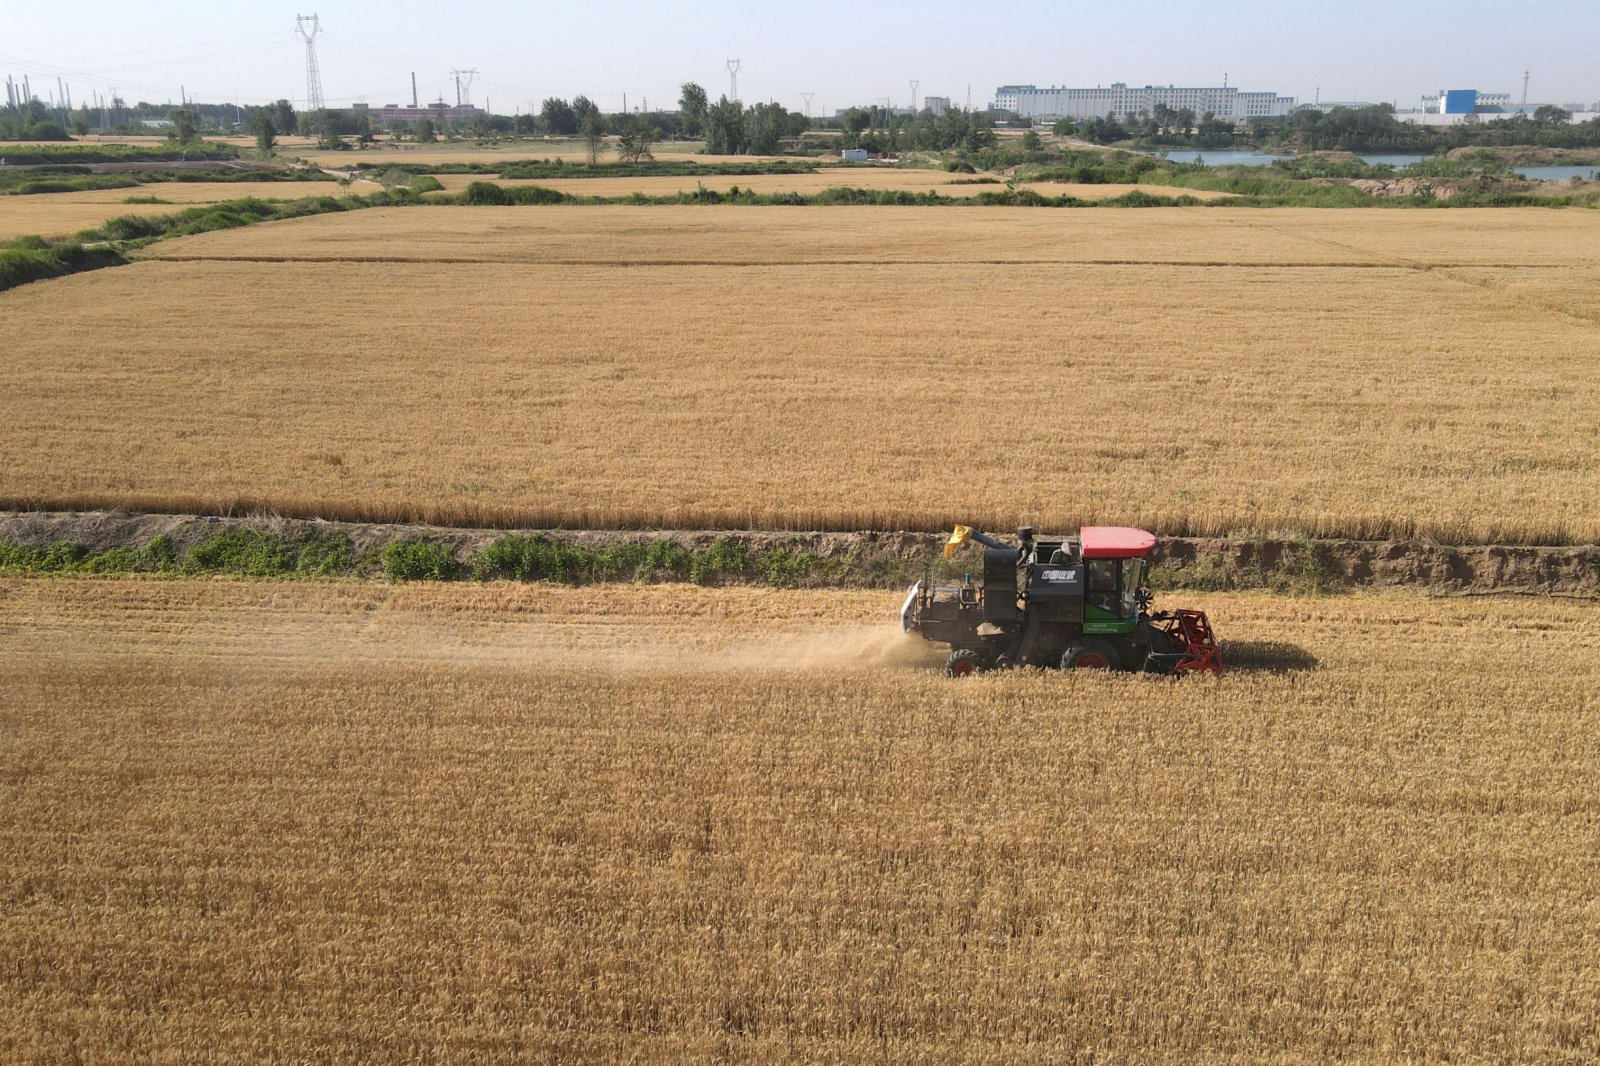 6月6日,農機手操作聯合收割機在河北邢台經濟開發區南陽二村的麥田裡收割小麥(無人機照片)。